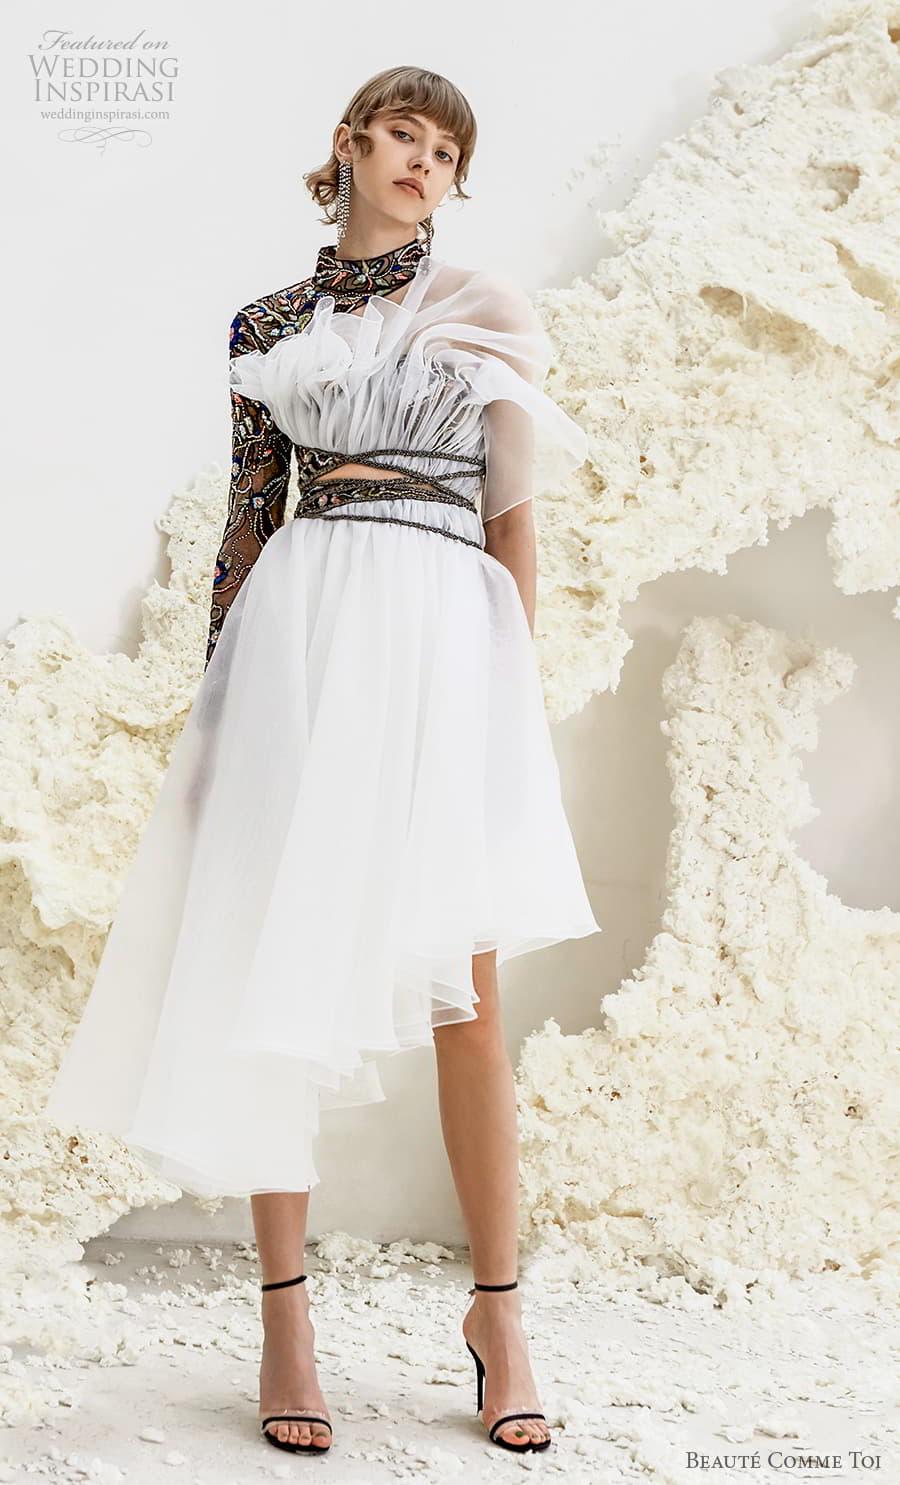 beaute comme toi spring 2022 bridal long sleeves one shoulder high neck heavily embellished bodice black short wedding dress low back (arabella) mv